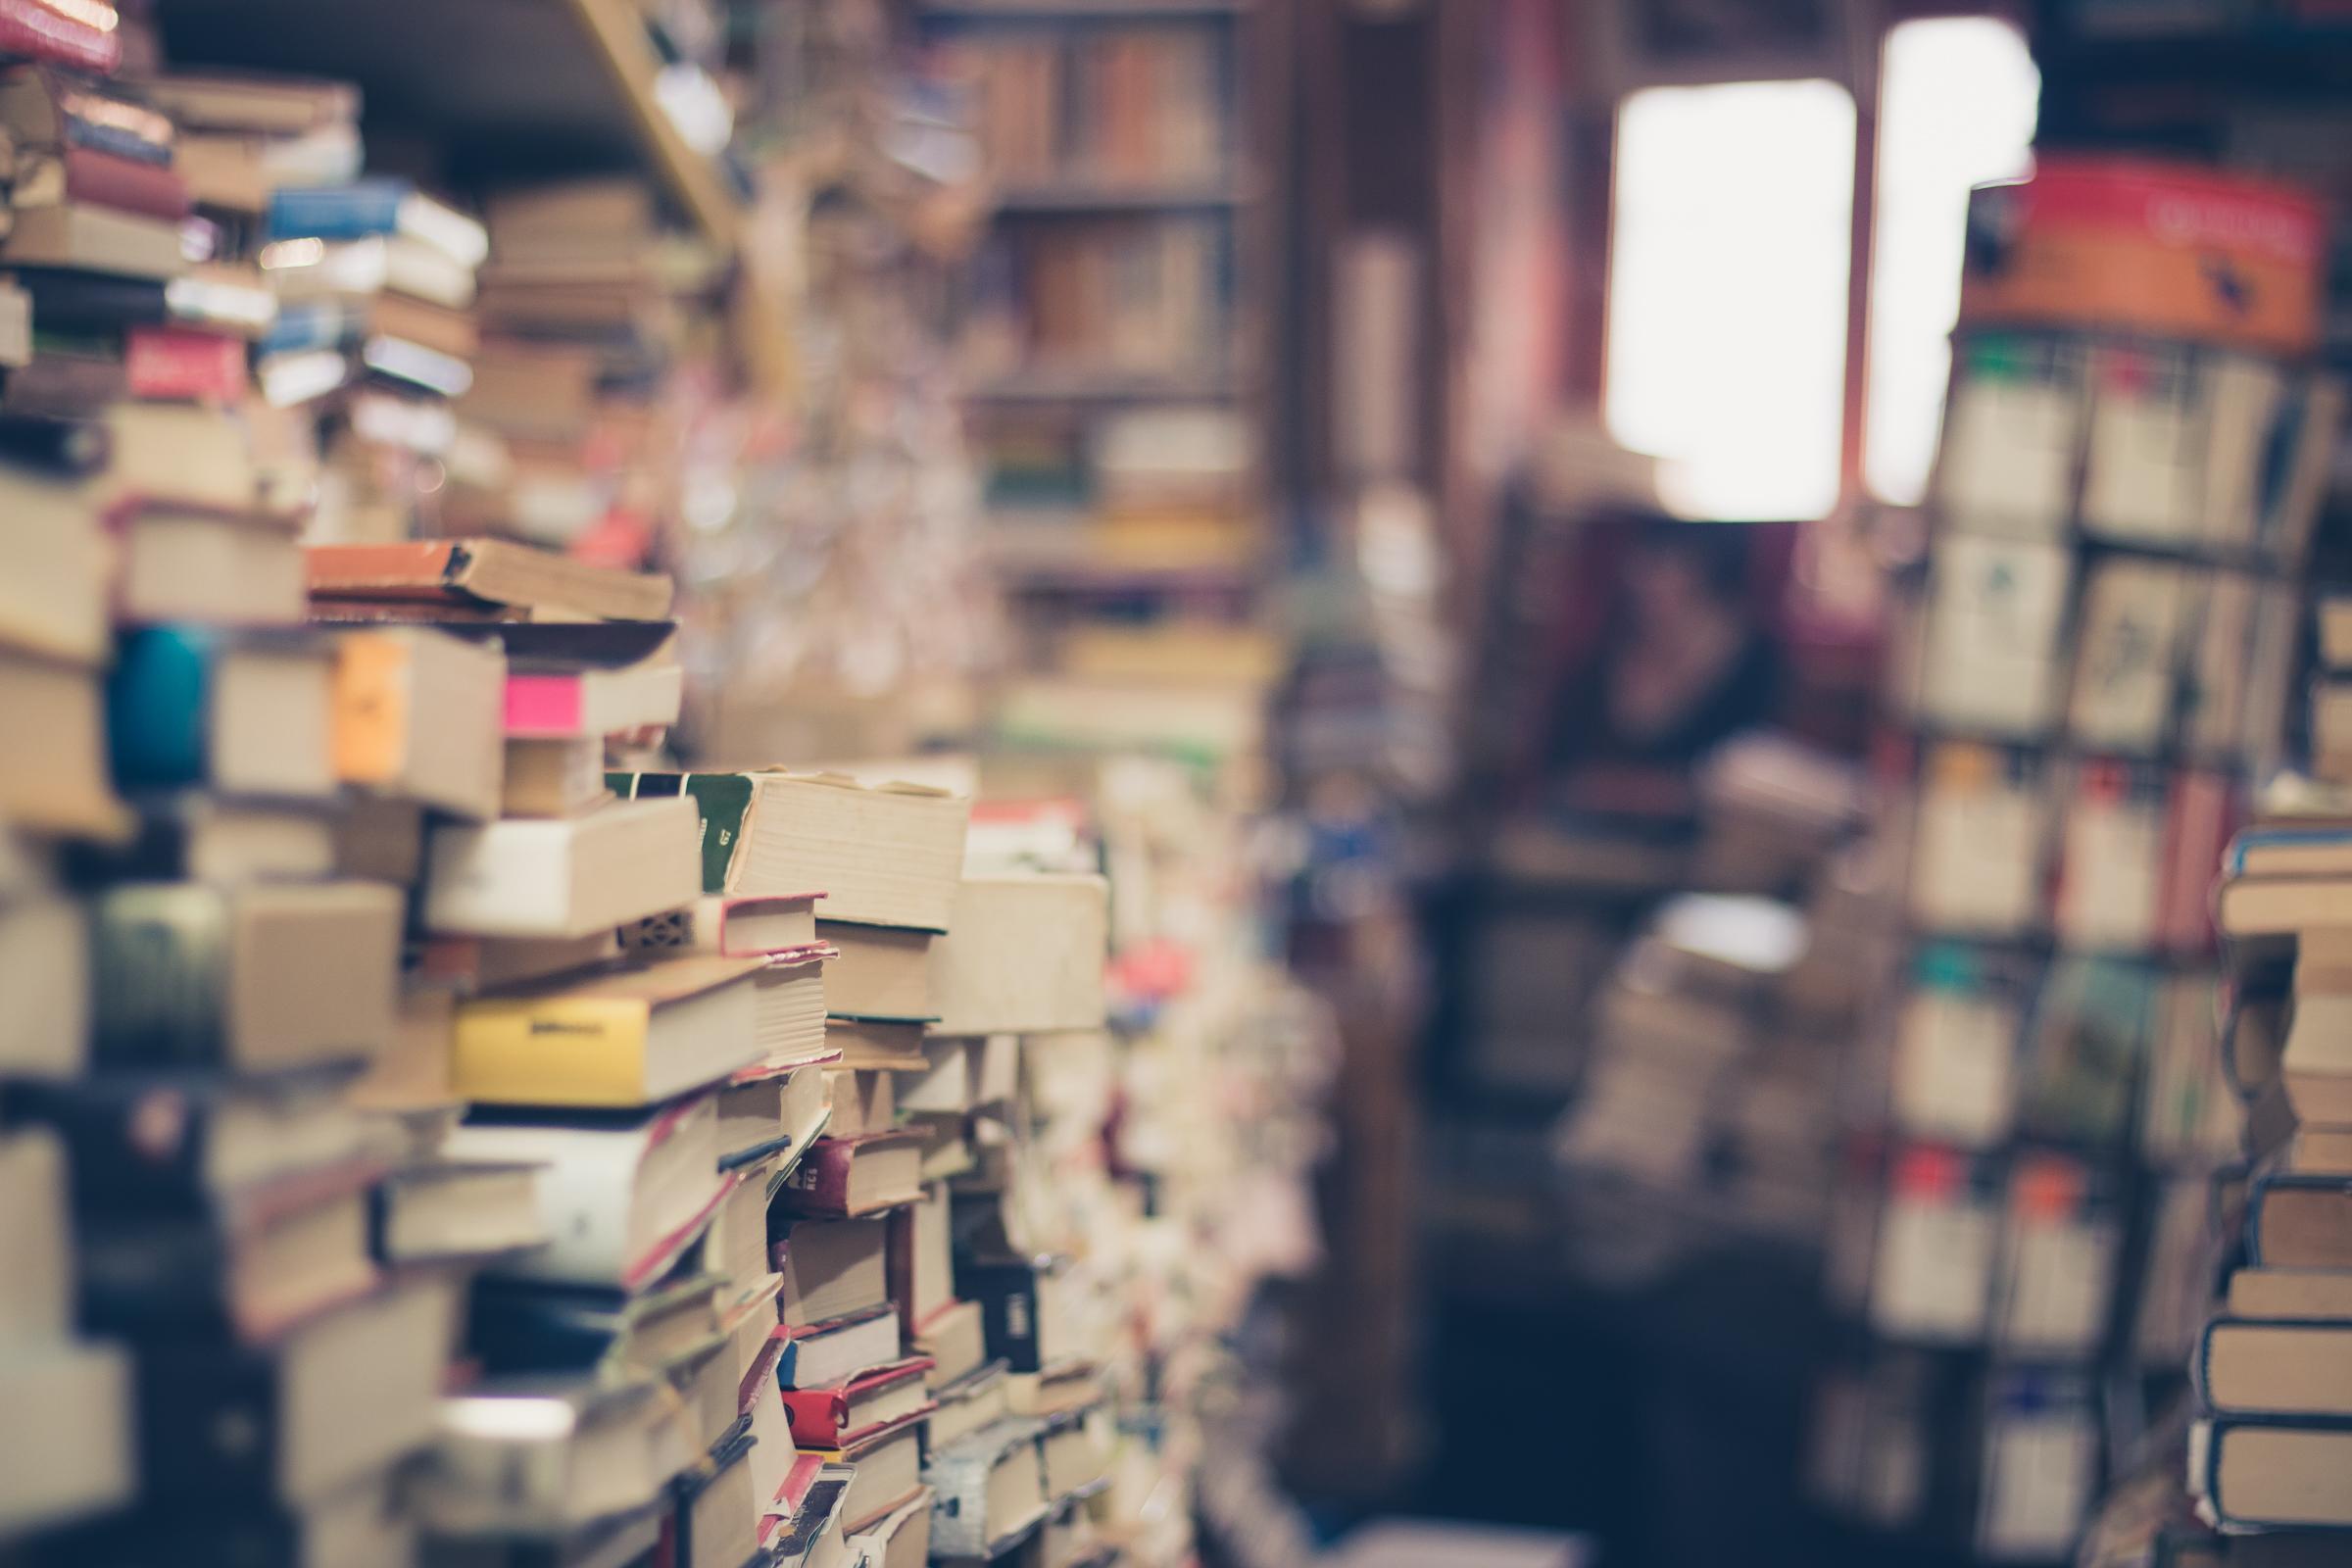 Dein Buch Schreiben deinbuchschreiben deinbuchschreiben.de